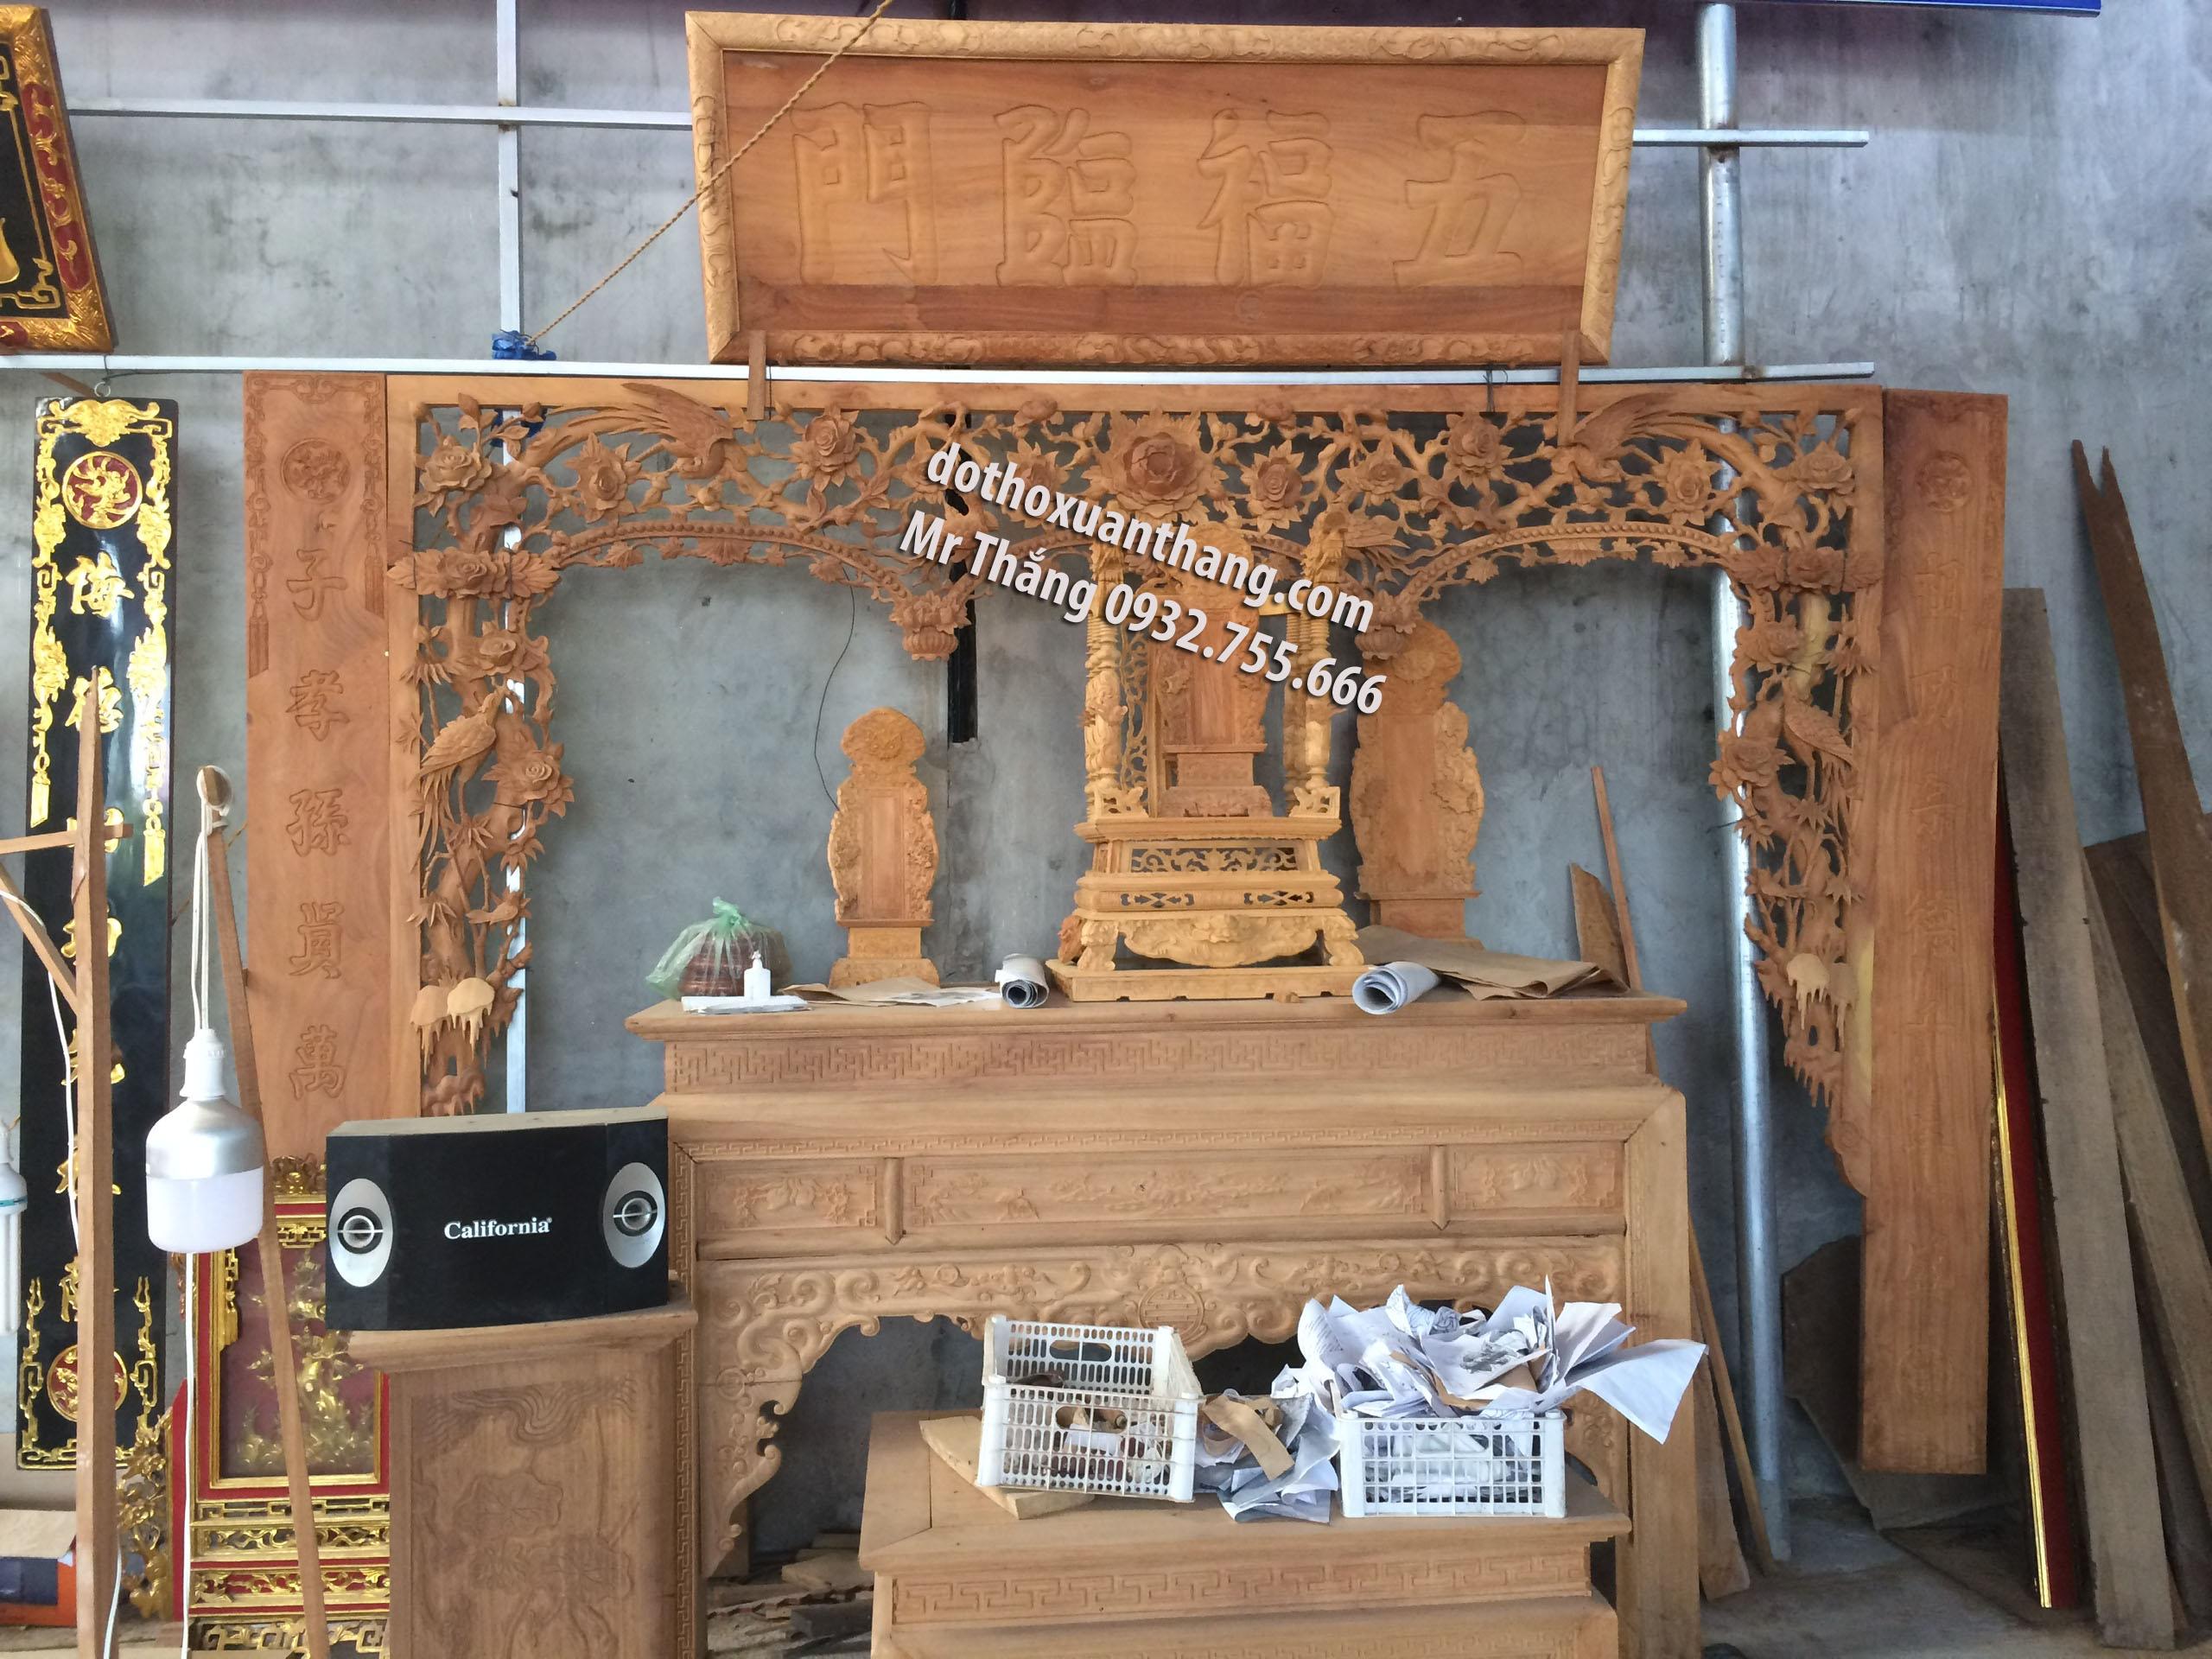 Hoành phi câu đối thờ bằng gỗ cho gian thờ tư gia